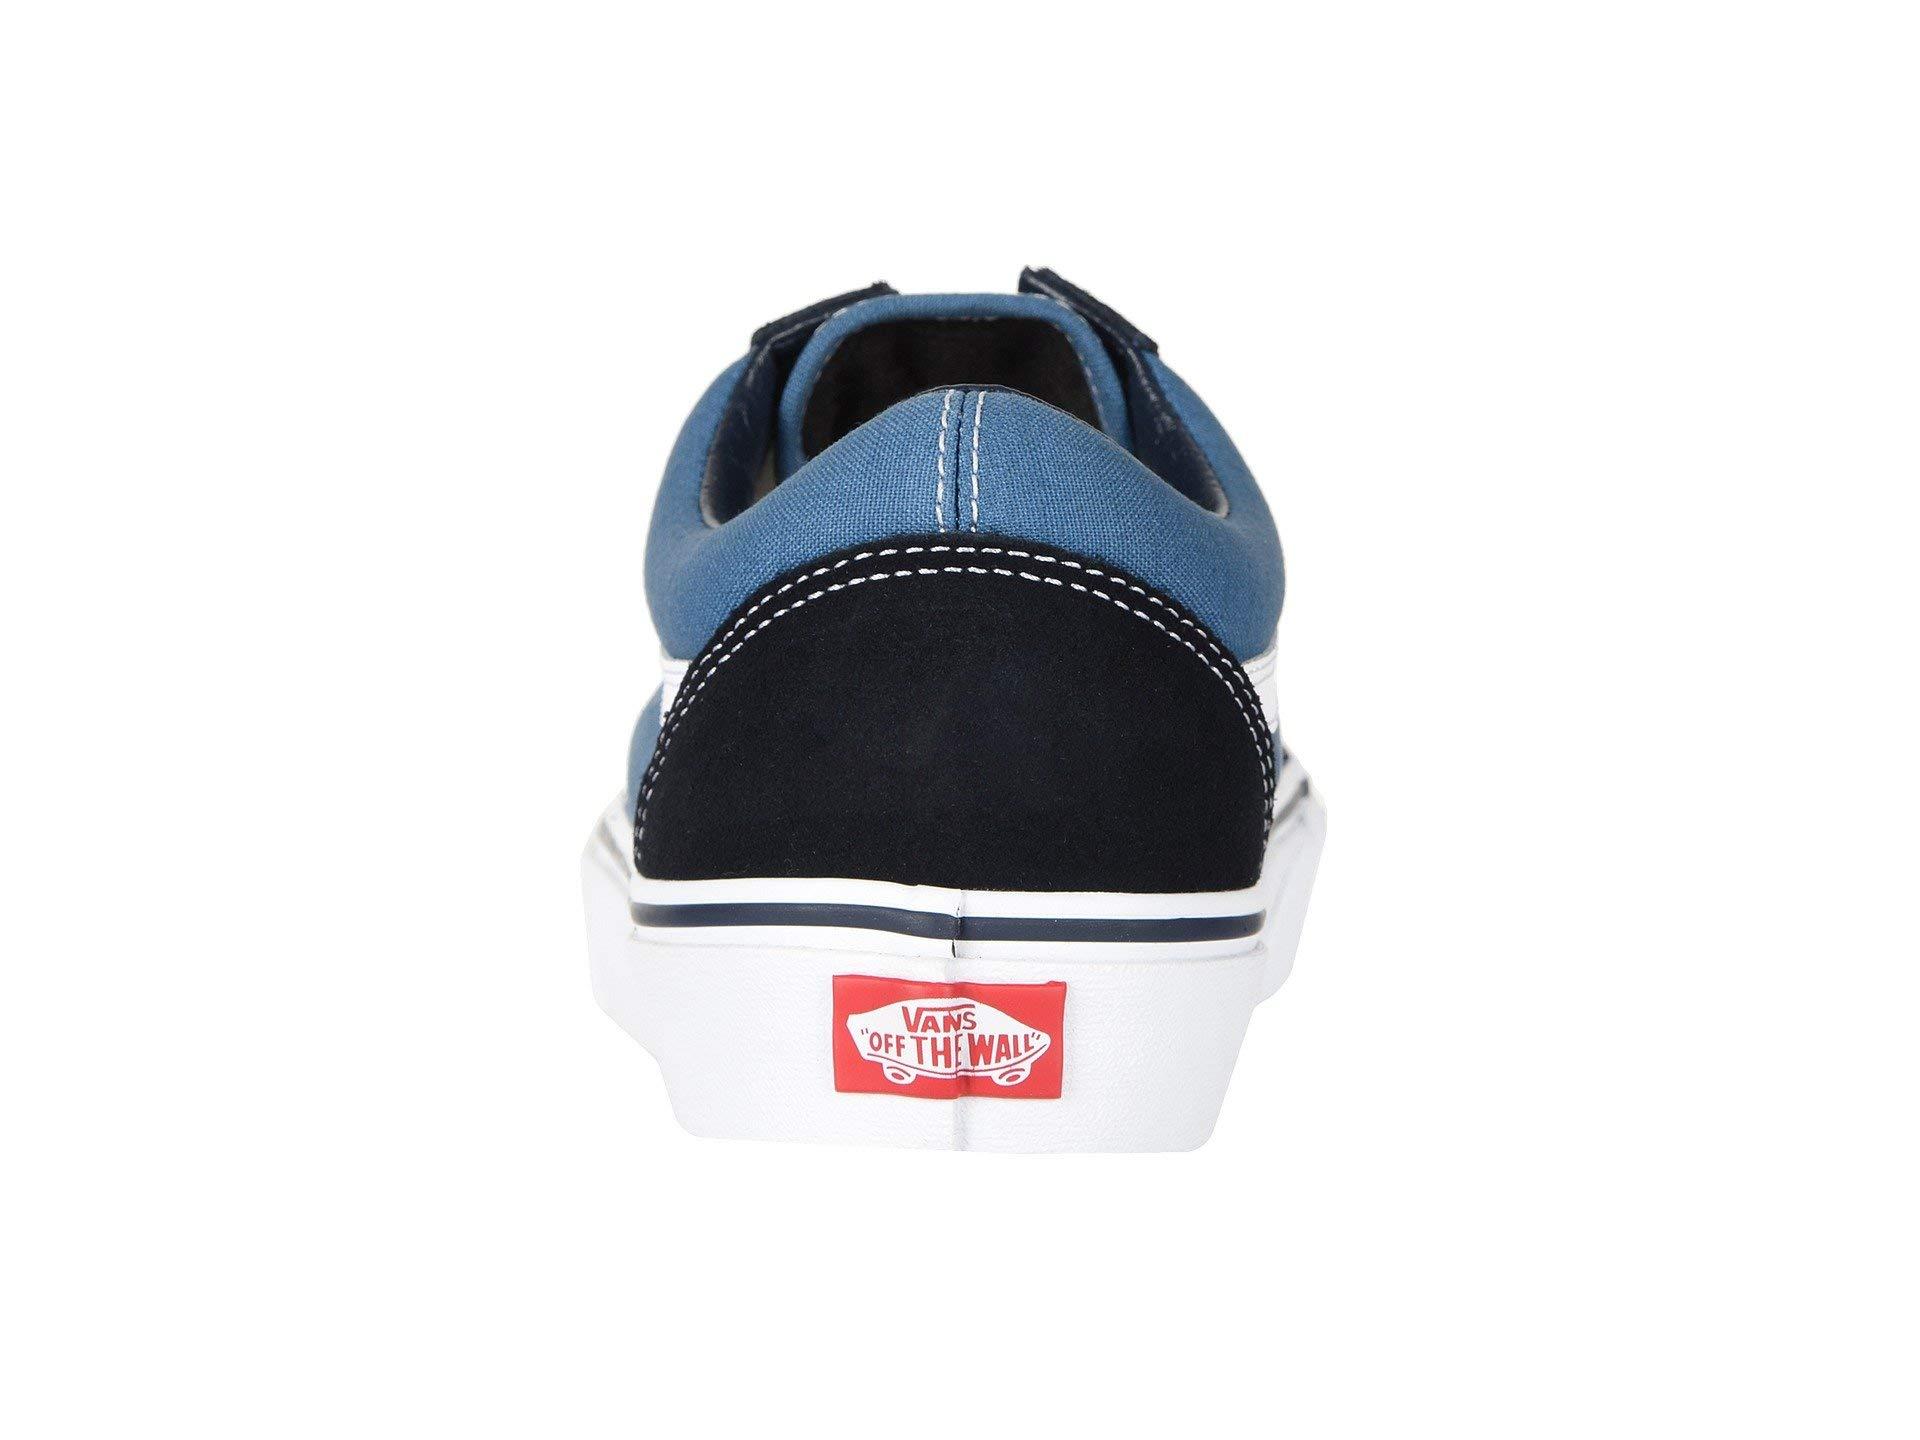 Vans Off The Wall Old Skool Sneakers (Navy) Men's Skateboarding Shoes by Vans (Image #5)